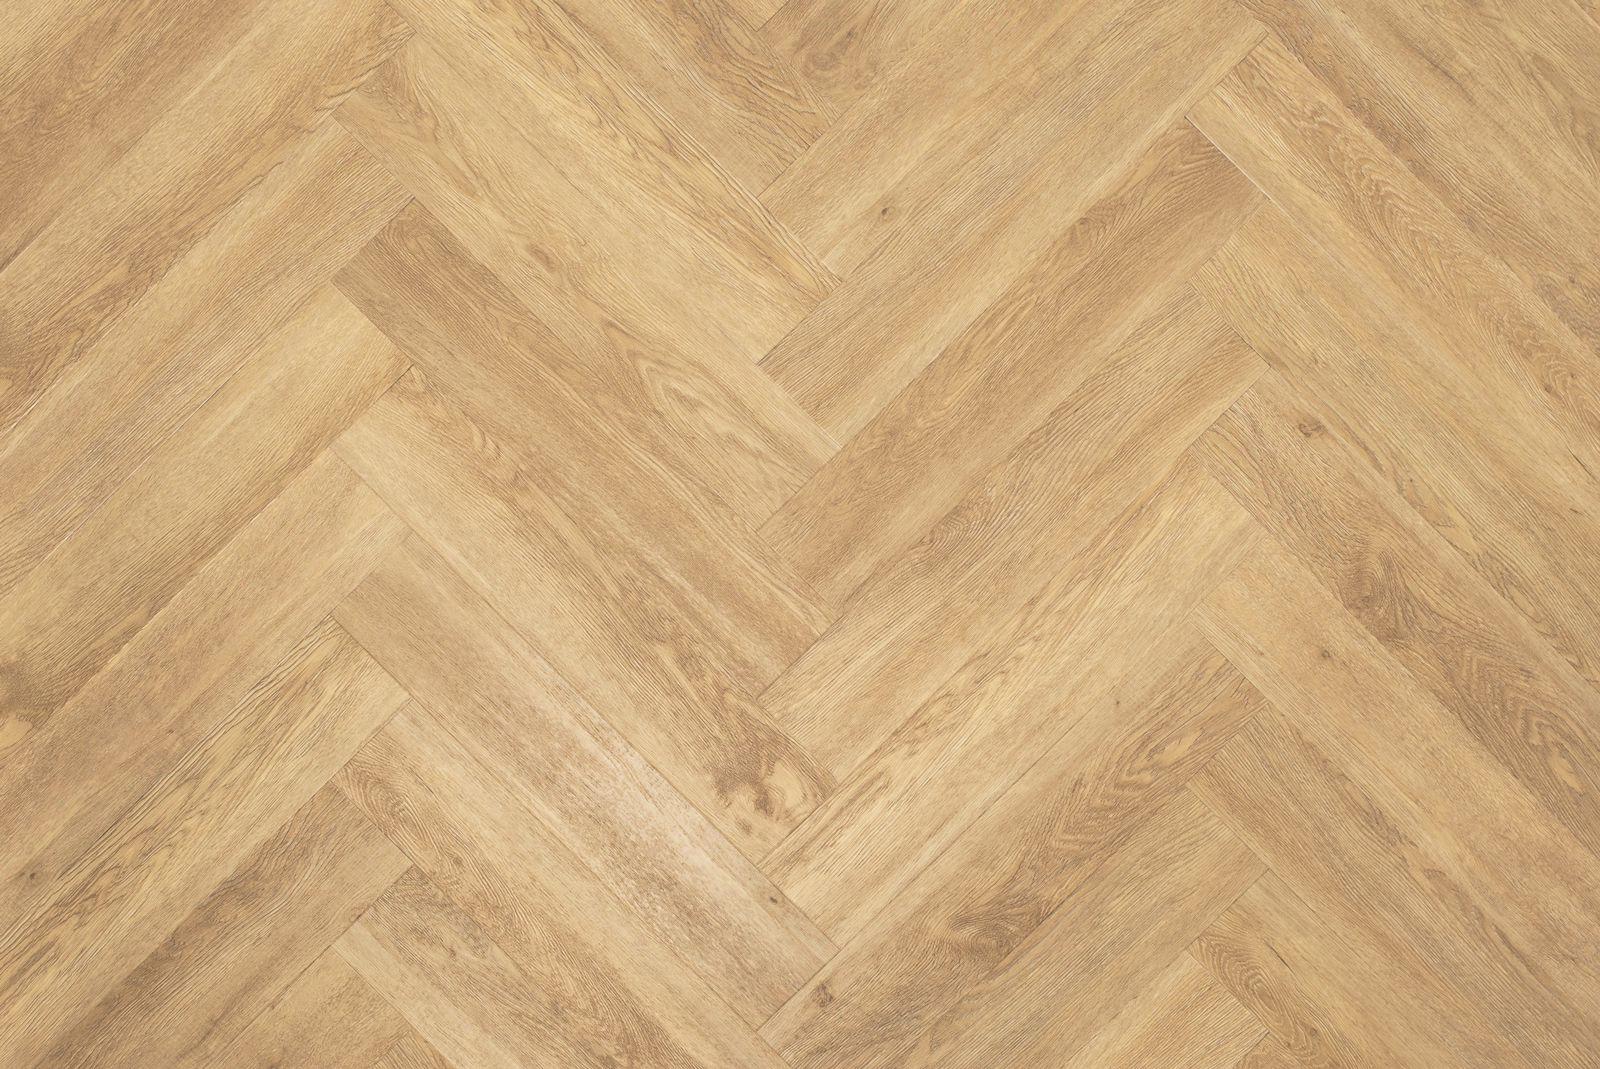 Een eiken houten vloer in de natuur zeep